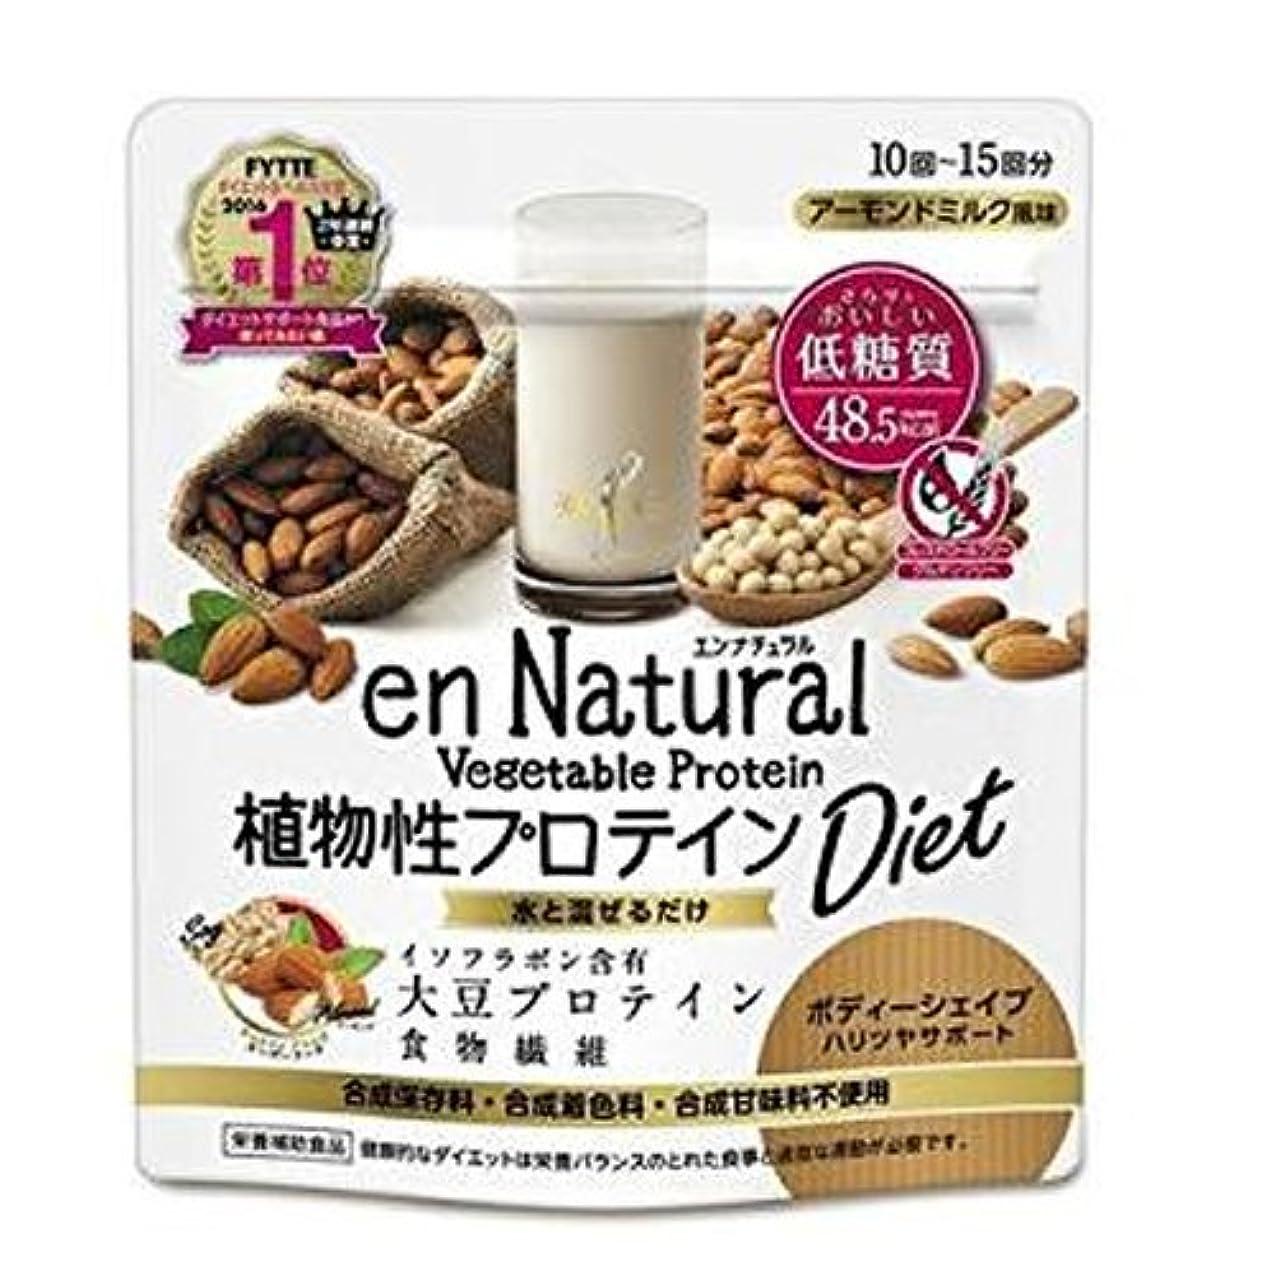 緩やかな柔らかい足眠りメタボリック エンナチュラル植物性プロテインダイエット 150g